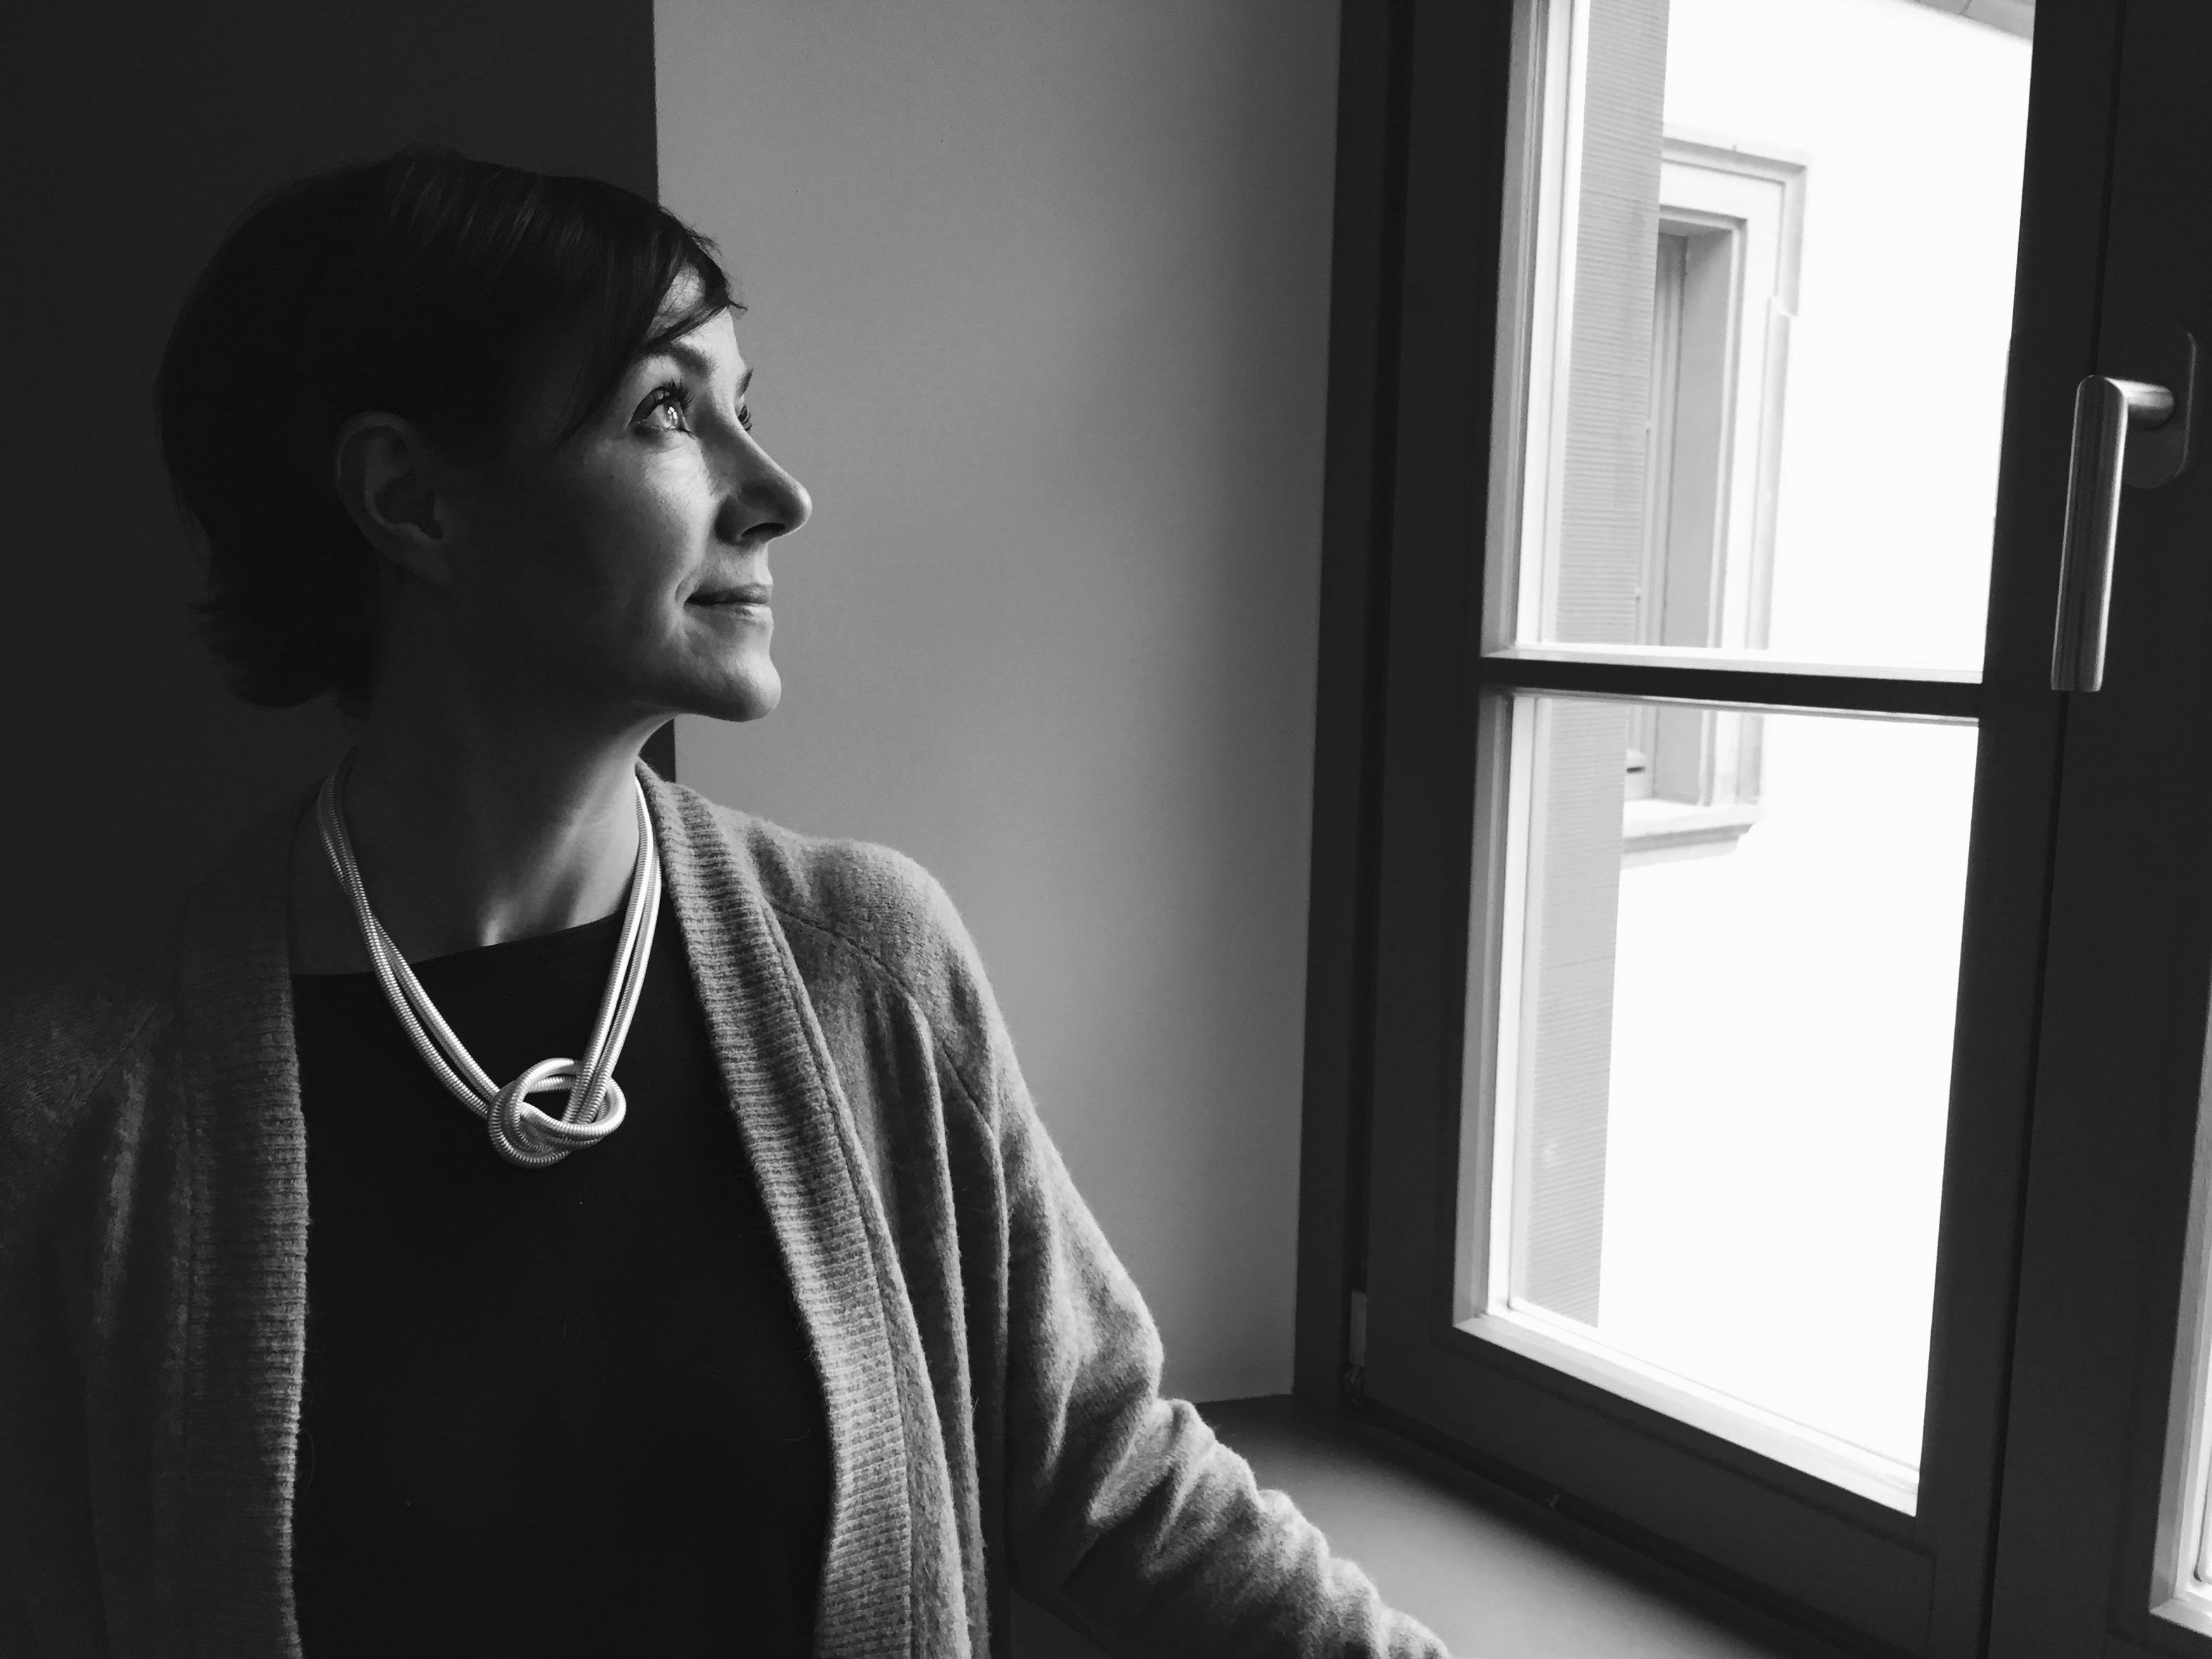 Frau am Fenster, über Vorsätze nachdenkend.